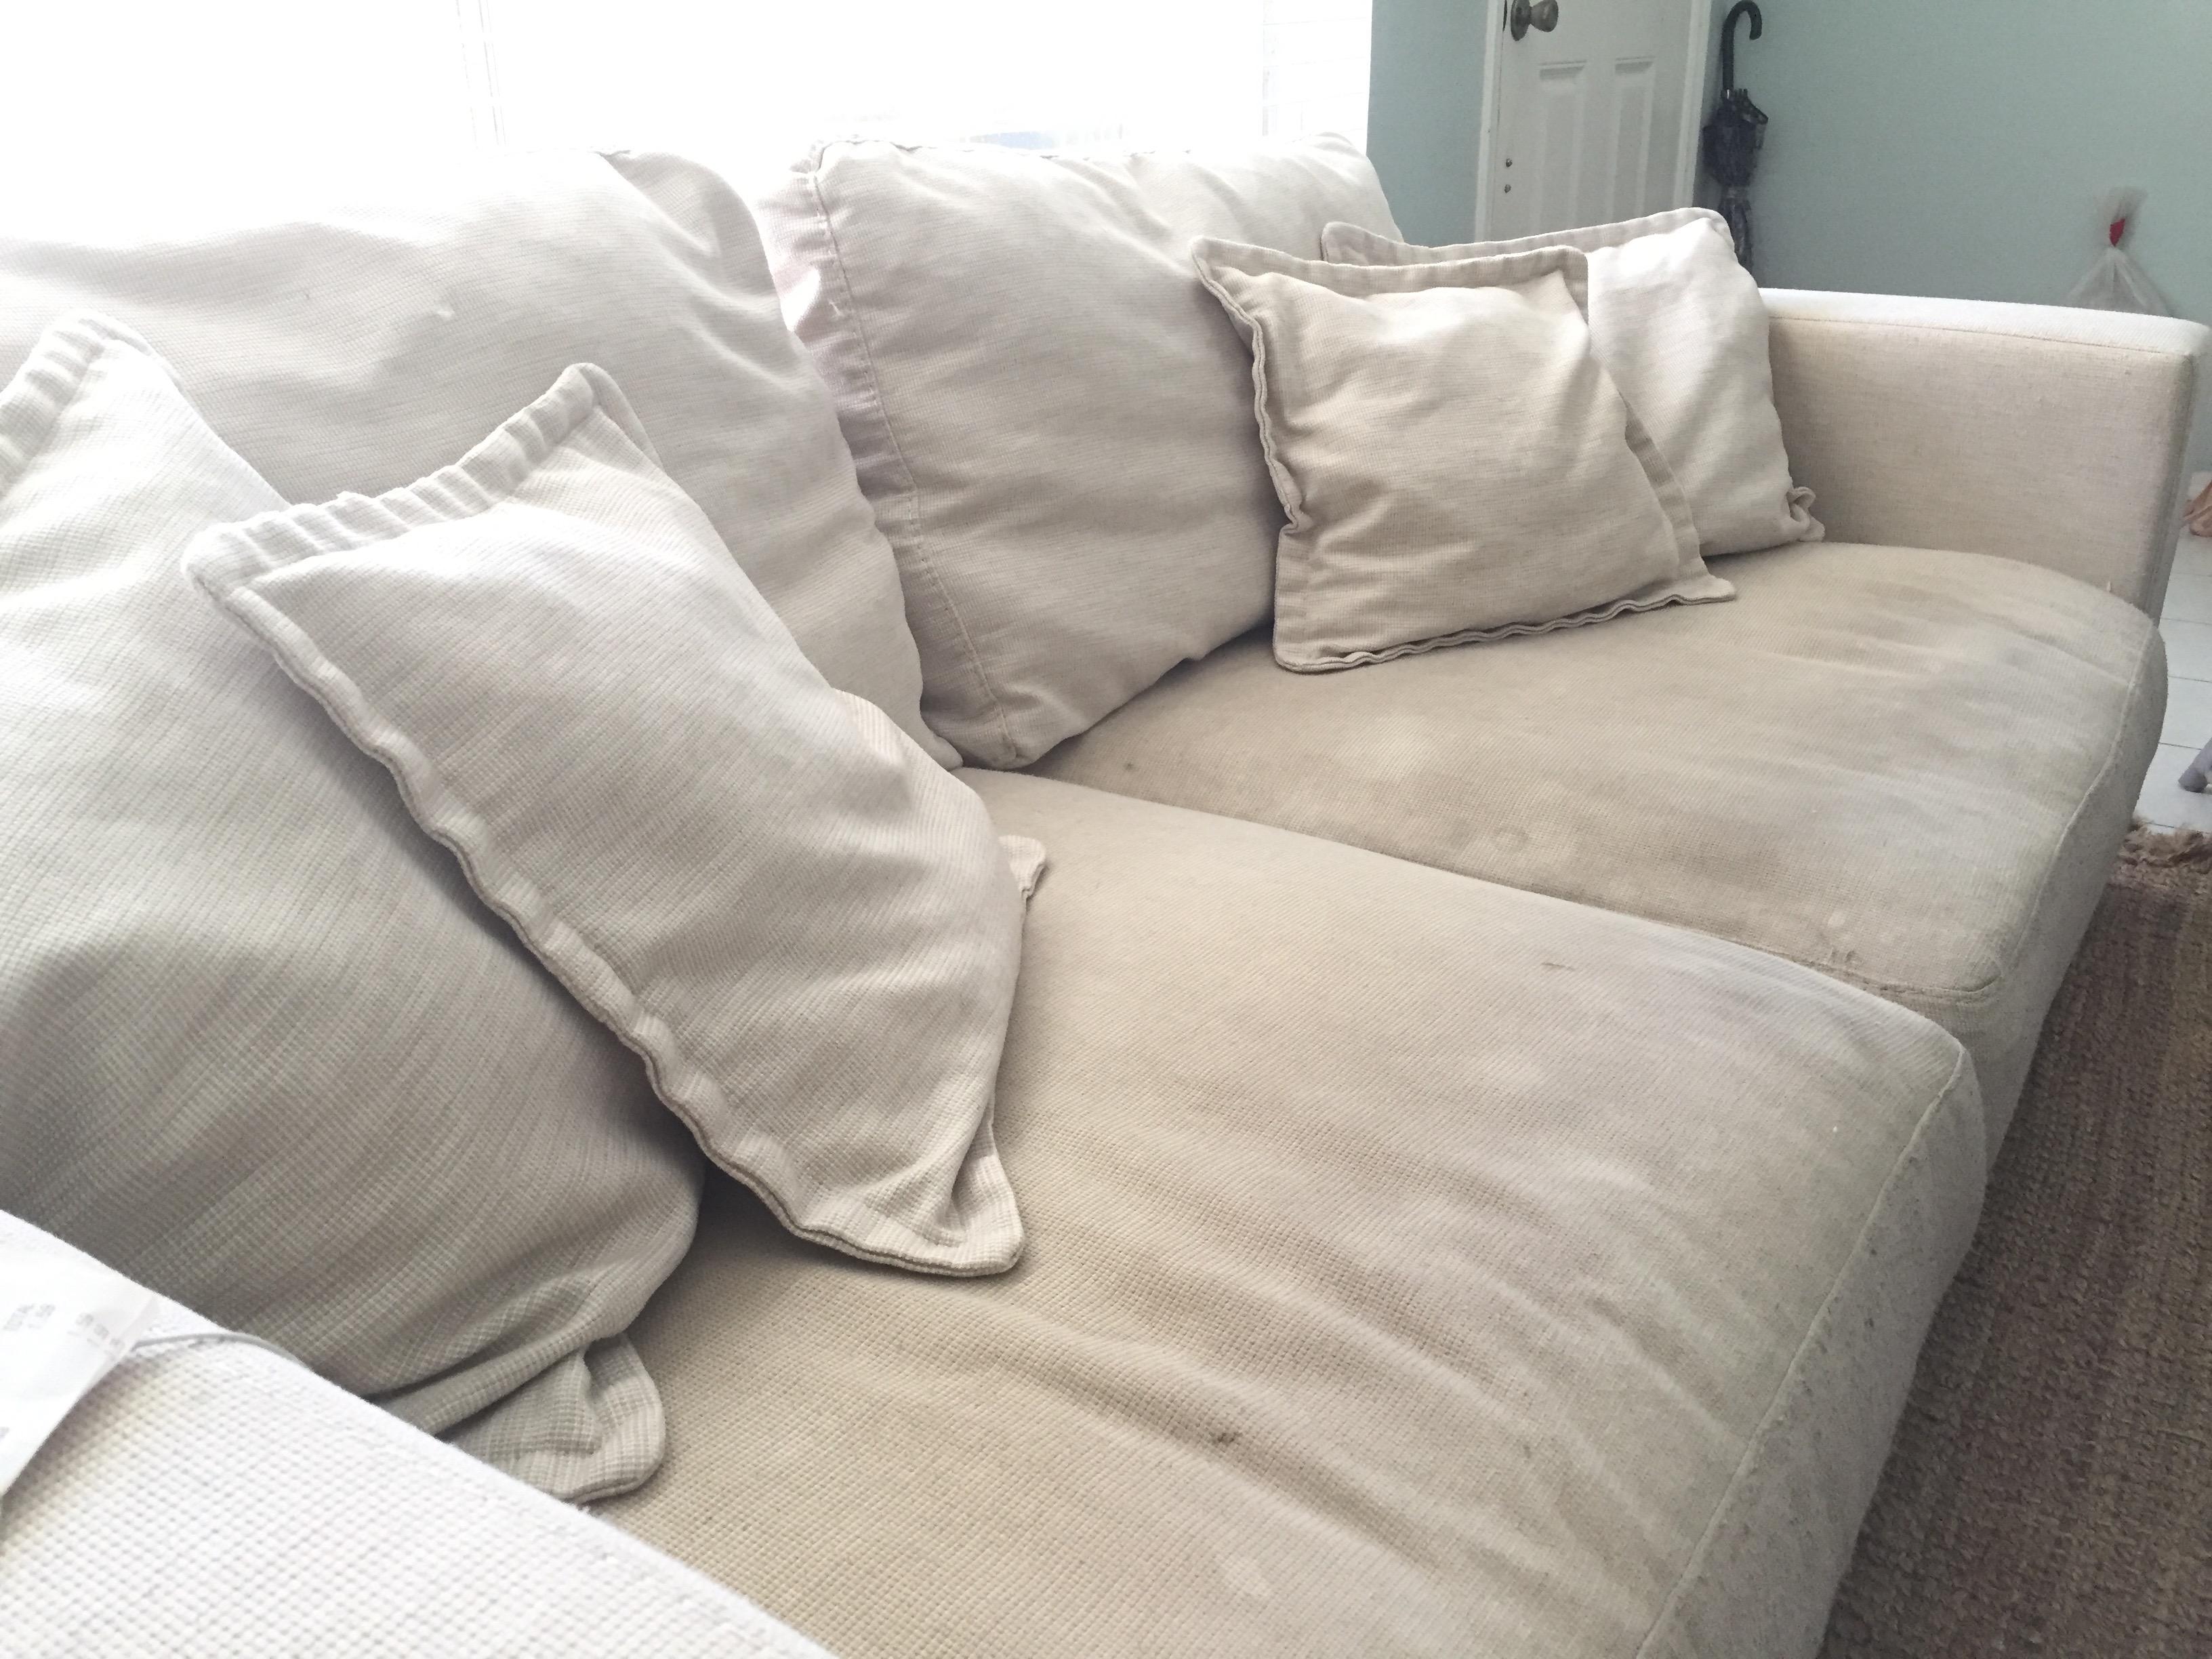 American Signature Sofa Review